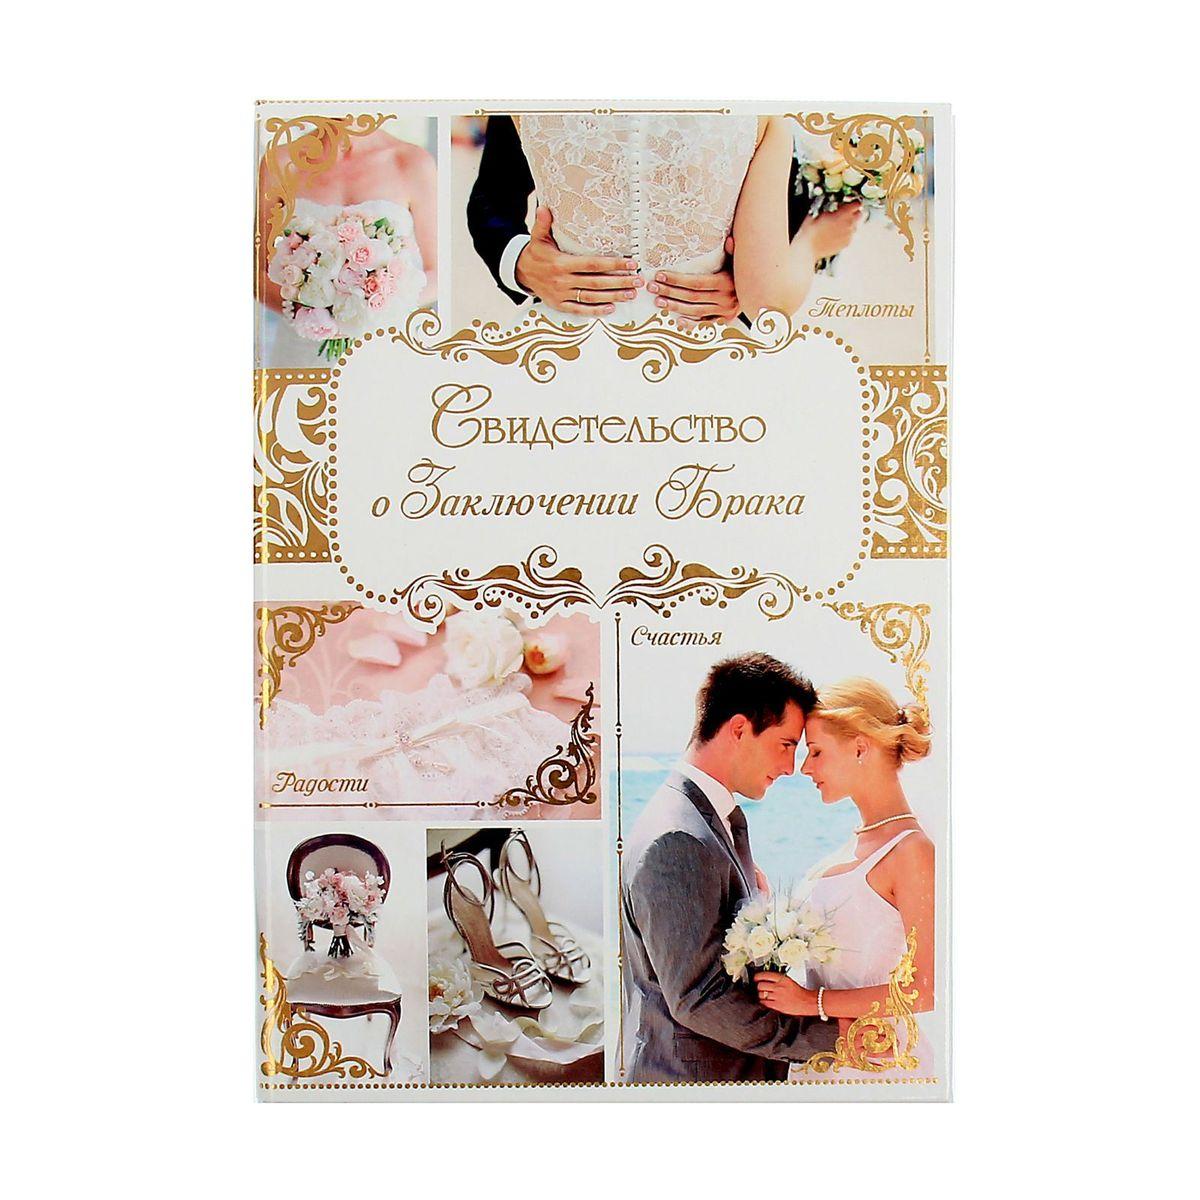 Папка для свидетельства о заключении брака Sima-land Теплоты, радости, счастья, 20,5 x 14 x 0,5 см1181140Папка для свидетельства о заключении брака — наилучшее обрамление первого совместного документа молодой семьи. Она подчеркнёт торжественность бракосочетания и будет напоминать о счастливом дне! Папка формата А5 из ламинированного картона имеет удобный файл внутри (19,5 х 27 см), который бережно сохранит столь важный документ в первозданном виде. Задняя обложка украшена поздравительным стихотворением. Интересный дизайн обложки, тиснение золотом и душевные пожелания создадут отличное настроение новобрачным. Выберите этот аксессуар себе или подарите друзьям. Папка станет хорошим презентом на свадьбу или её годовщину.